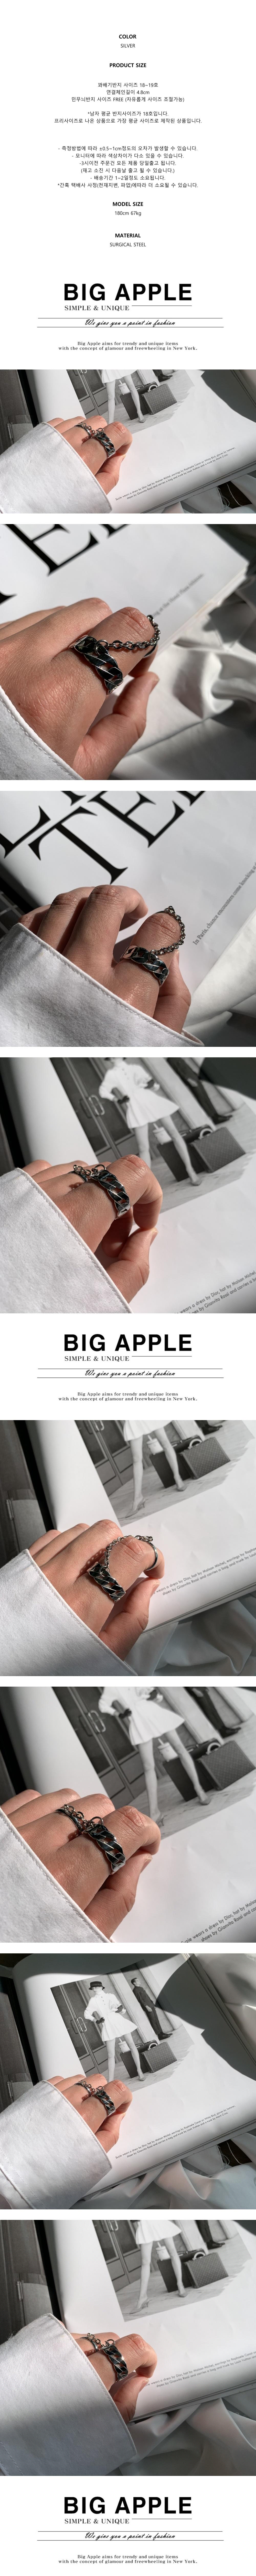 남자 반지 연결 체인 꽈배기 검지 finger chain - 빅애플, 20,000원, 남성주얼리, 반지